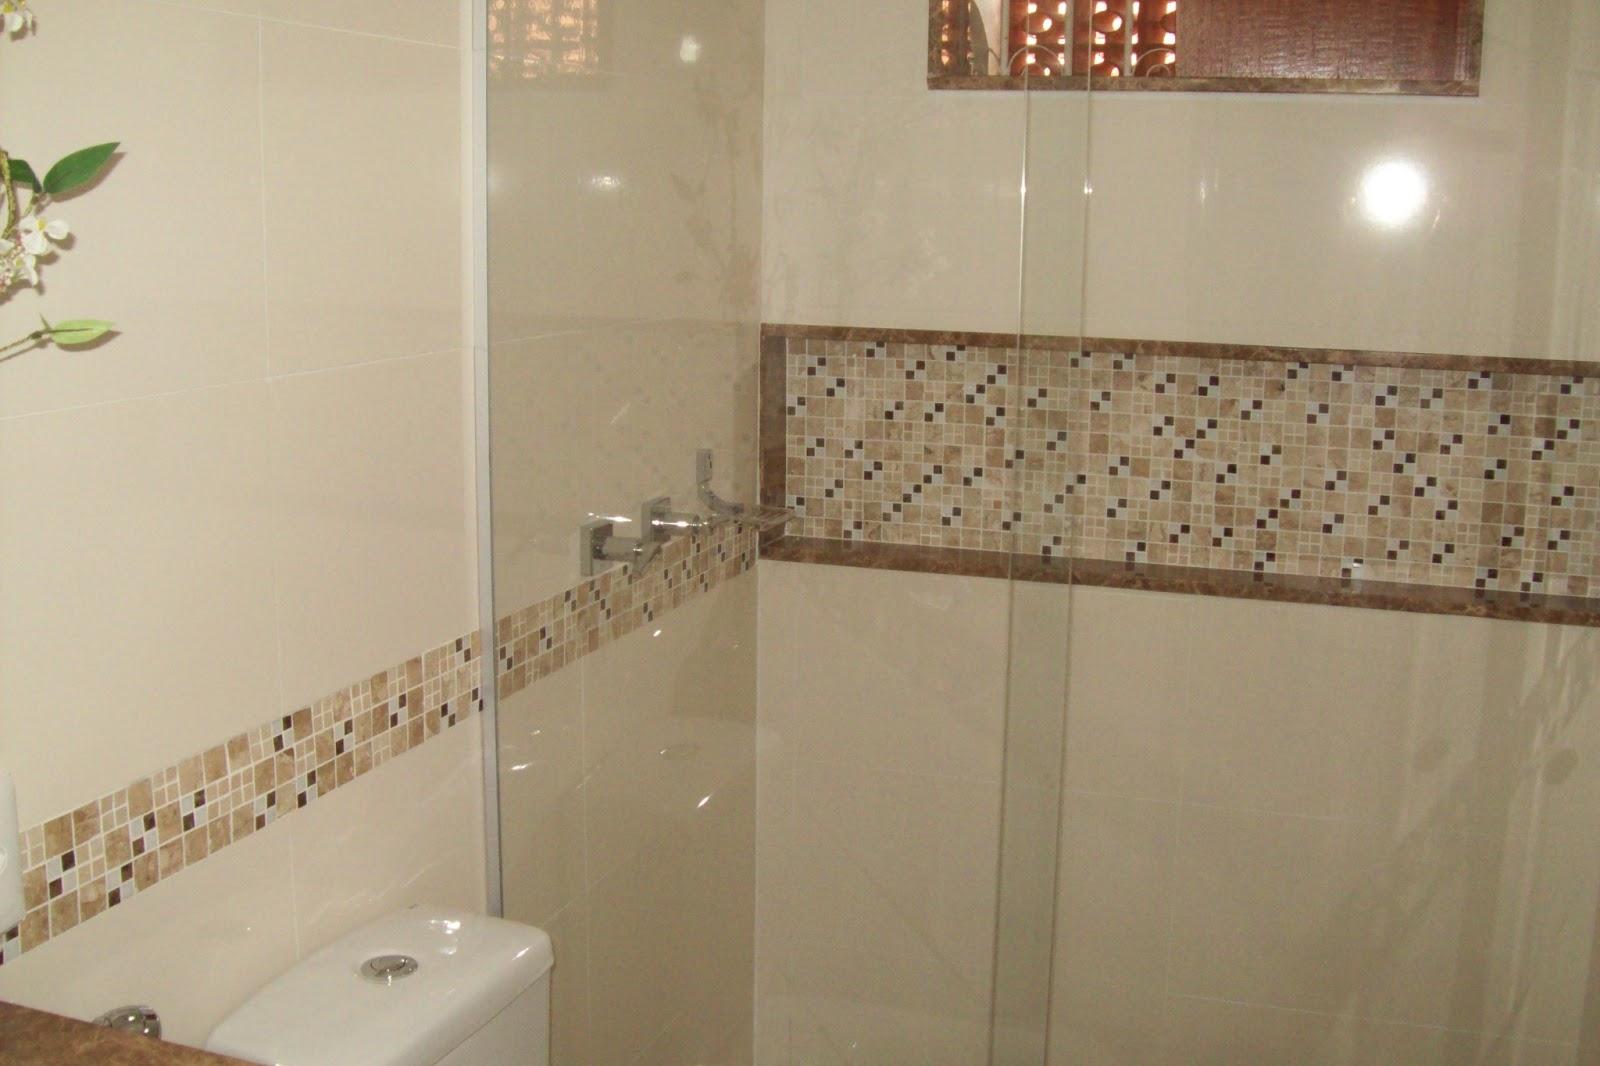 Construções Domingos: Banheiro com Nicho #935638 1600x1066 Banheiro Com Nicho